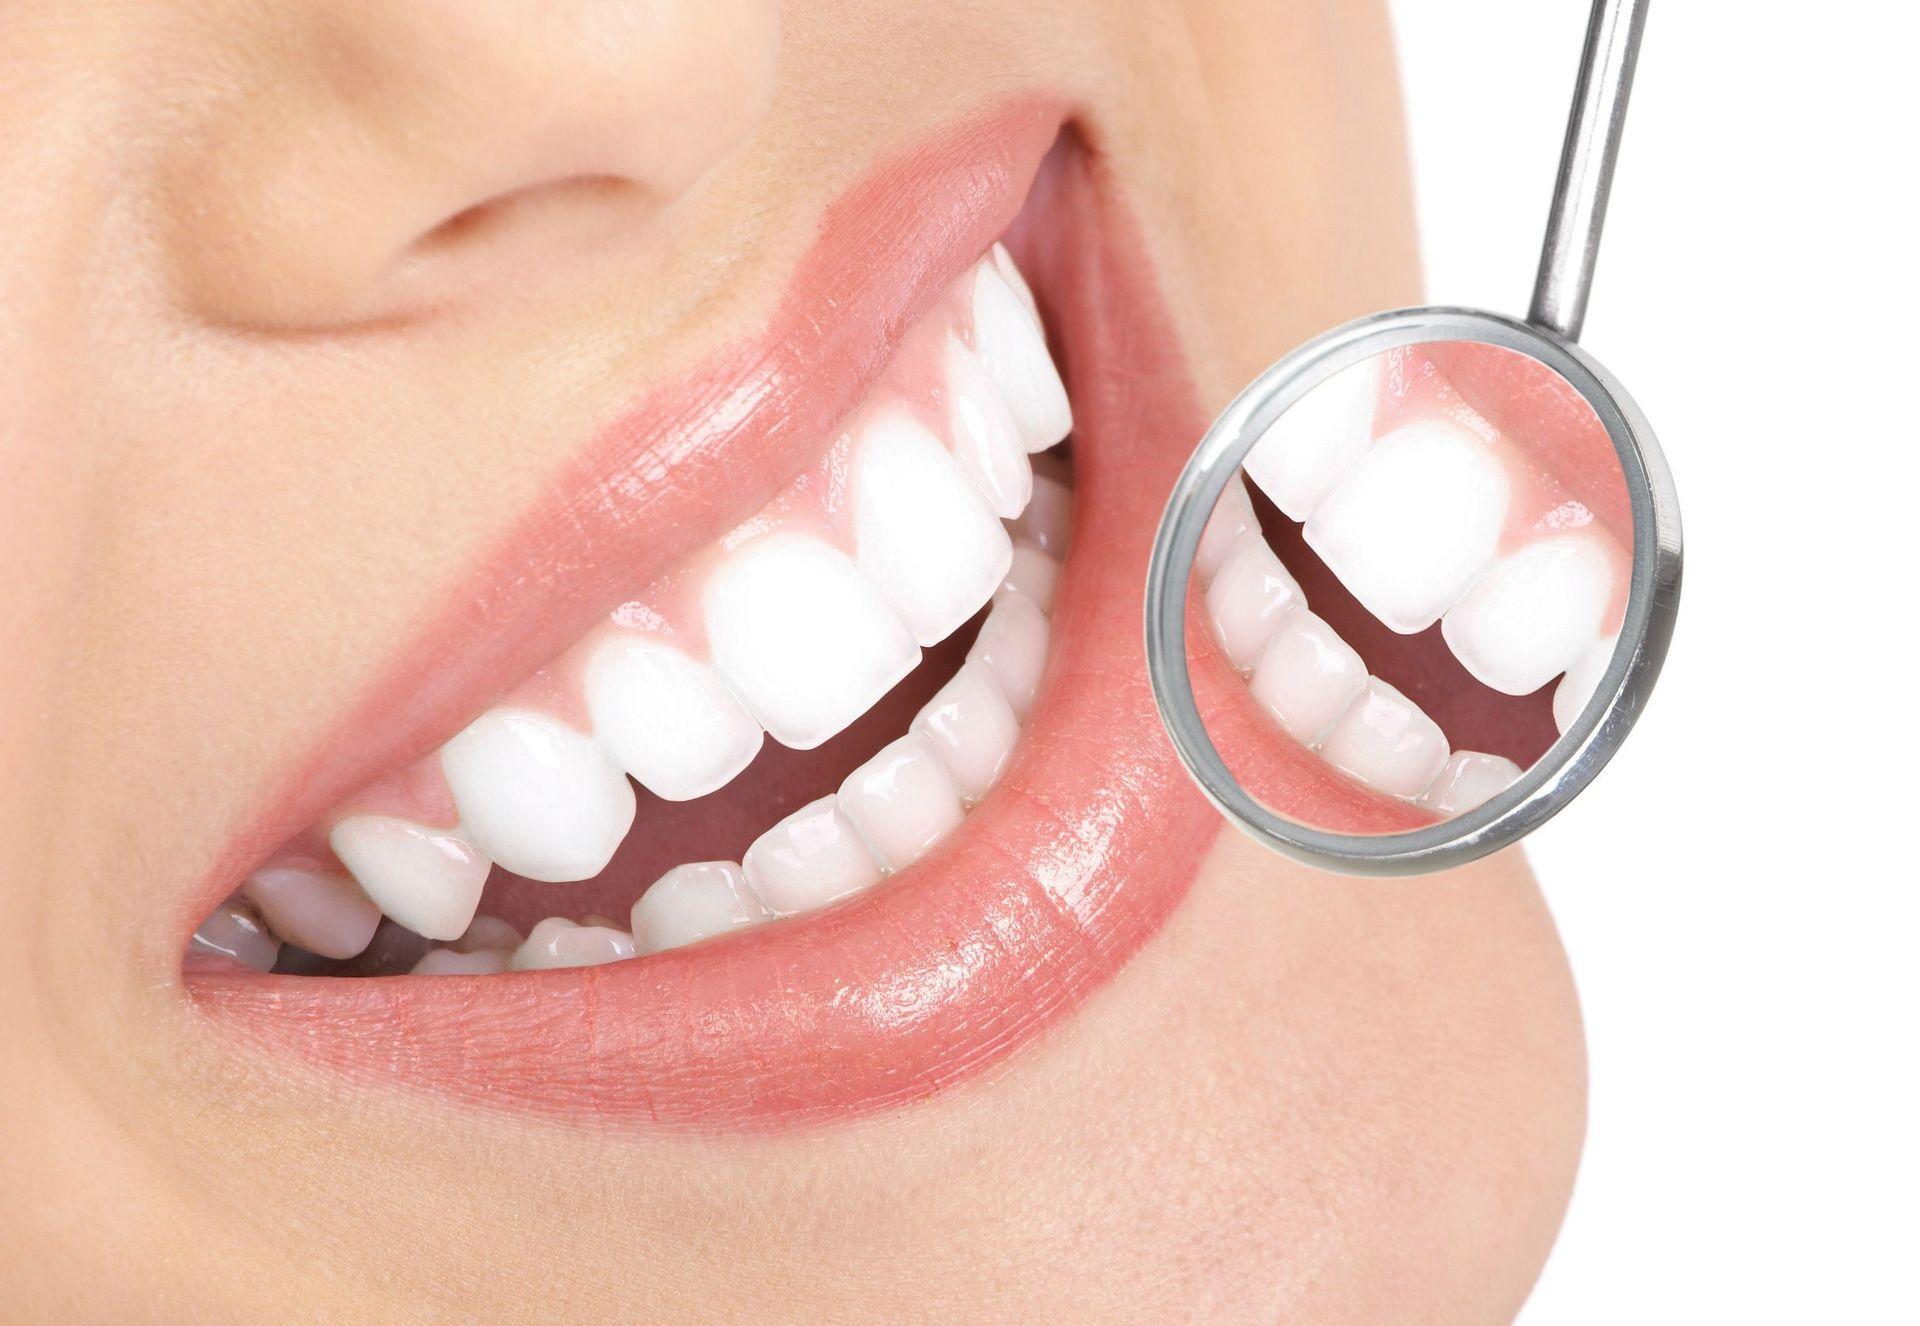 raghav-dental-care-noida-1442646256-55fd08f0897c6-care